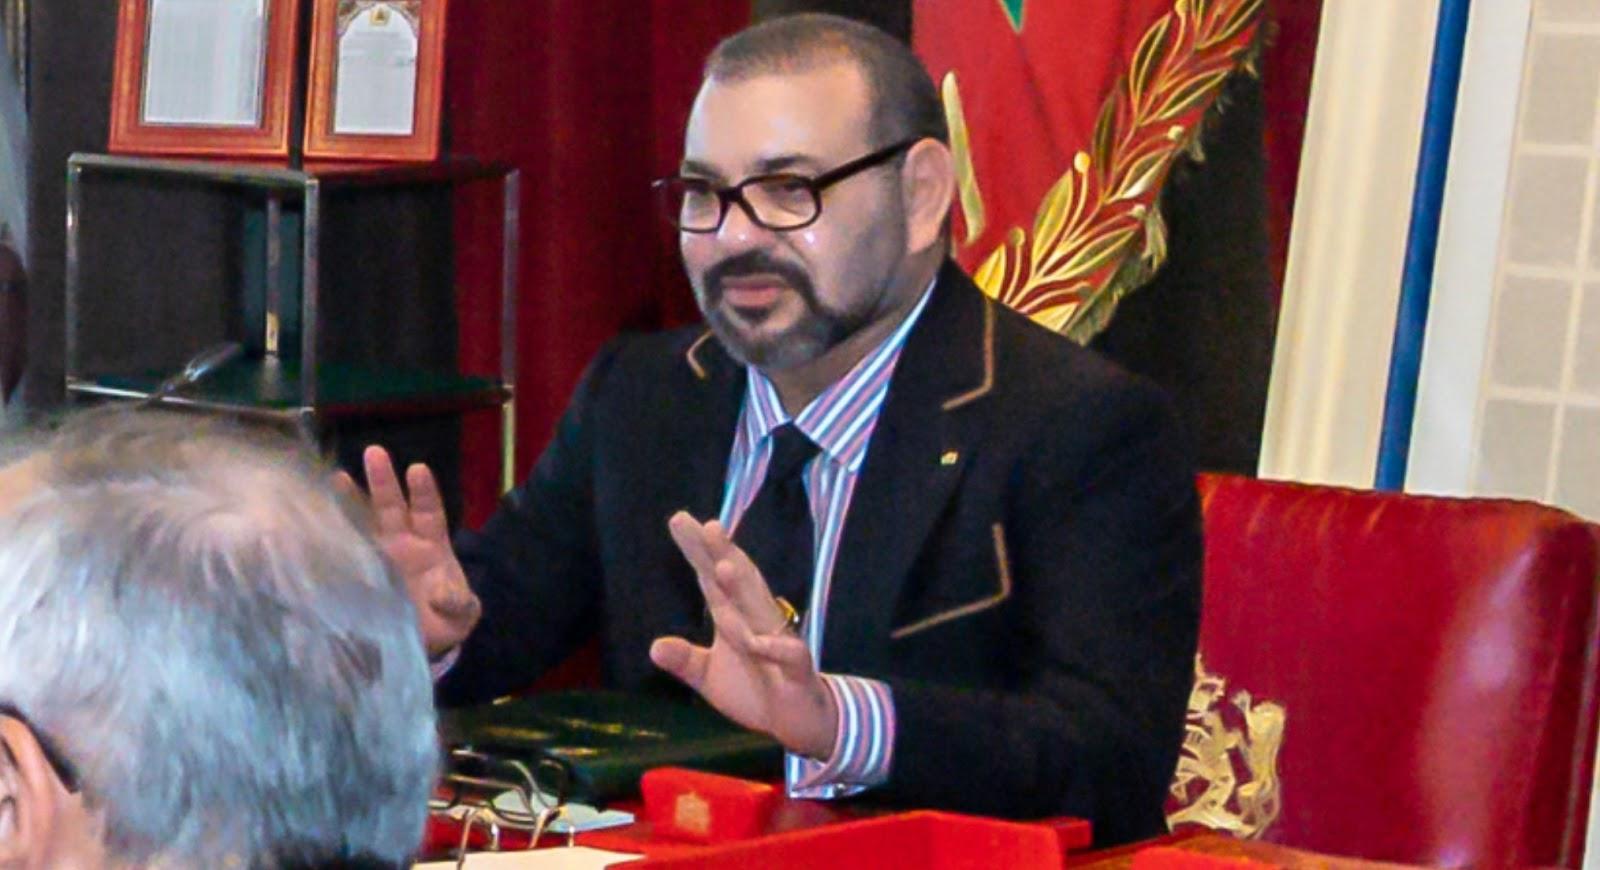 عاجل. بوادر حكومة يقودها 'نزار بركة'.. المٓلك بعين 'الشامي' رئيساً للمجلس الاقتصادي والاجتماعي